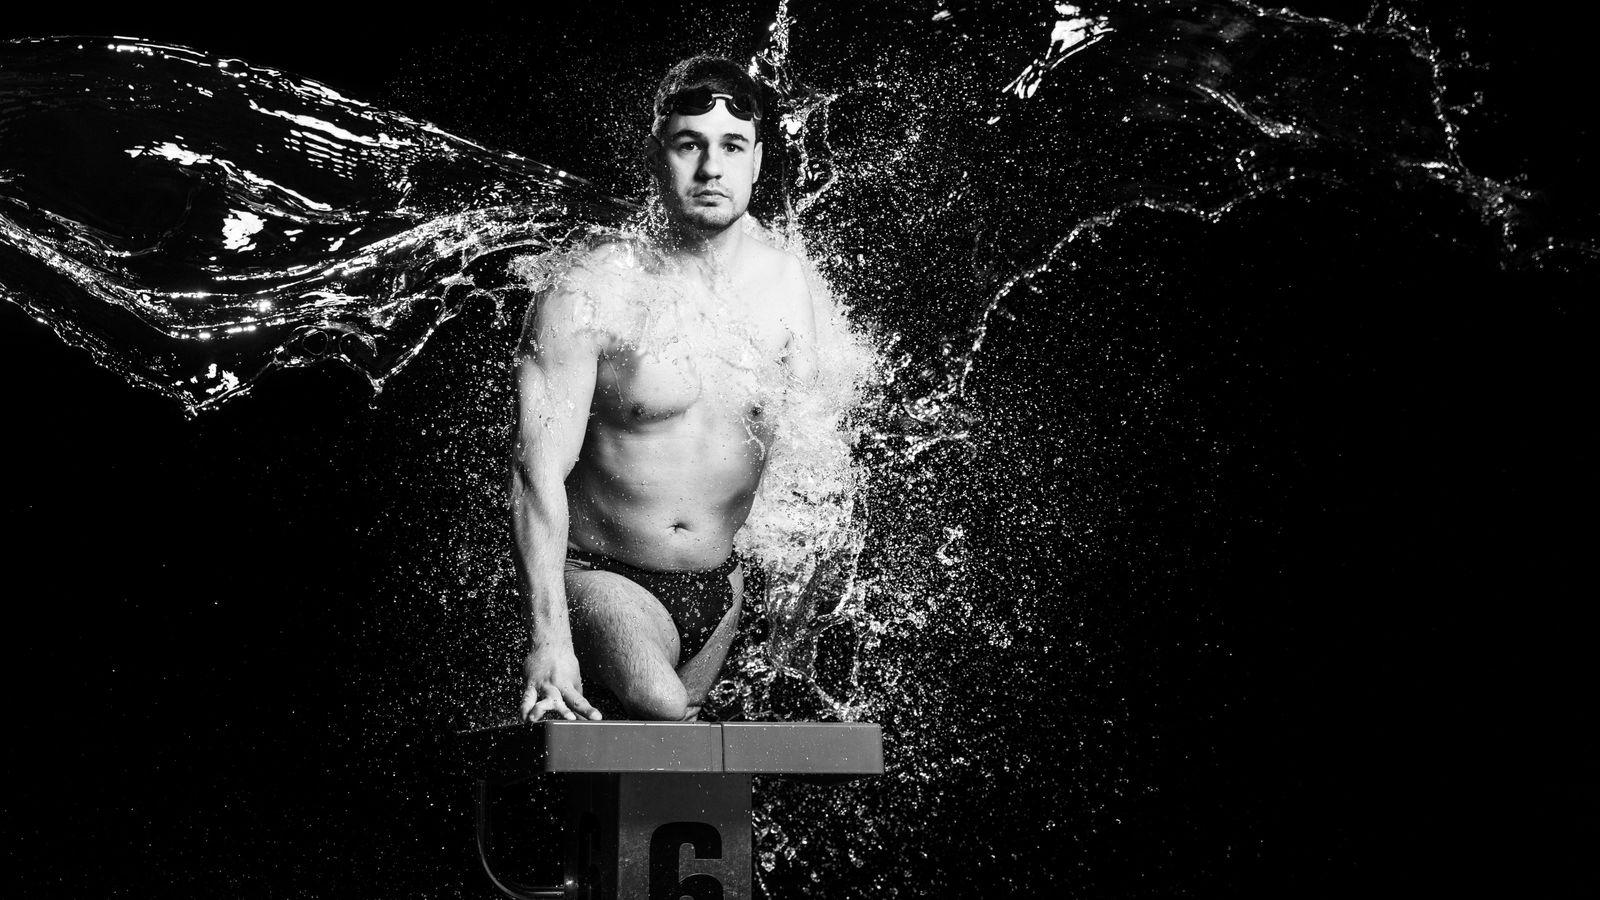 Le nageur slovène Darko Duric est né avec une amputation congénitale. Autrement dit, ses membres ne ...